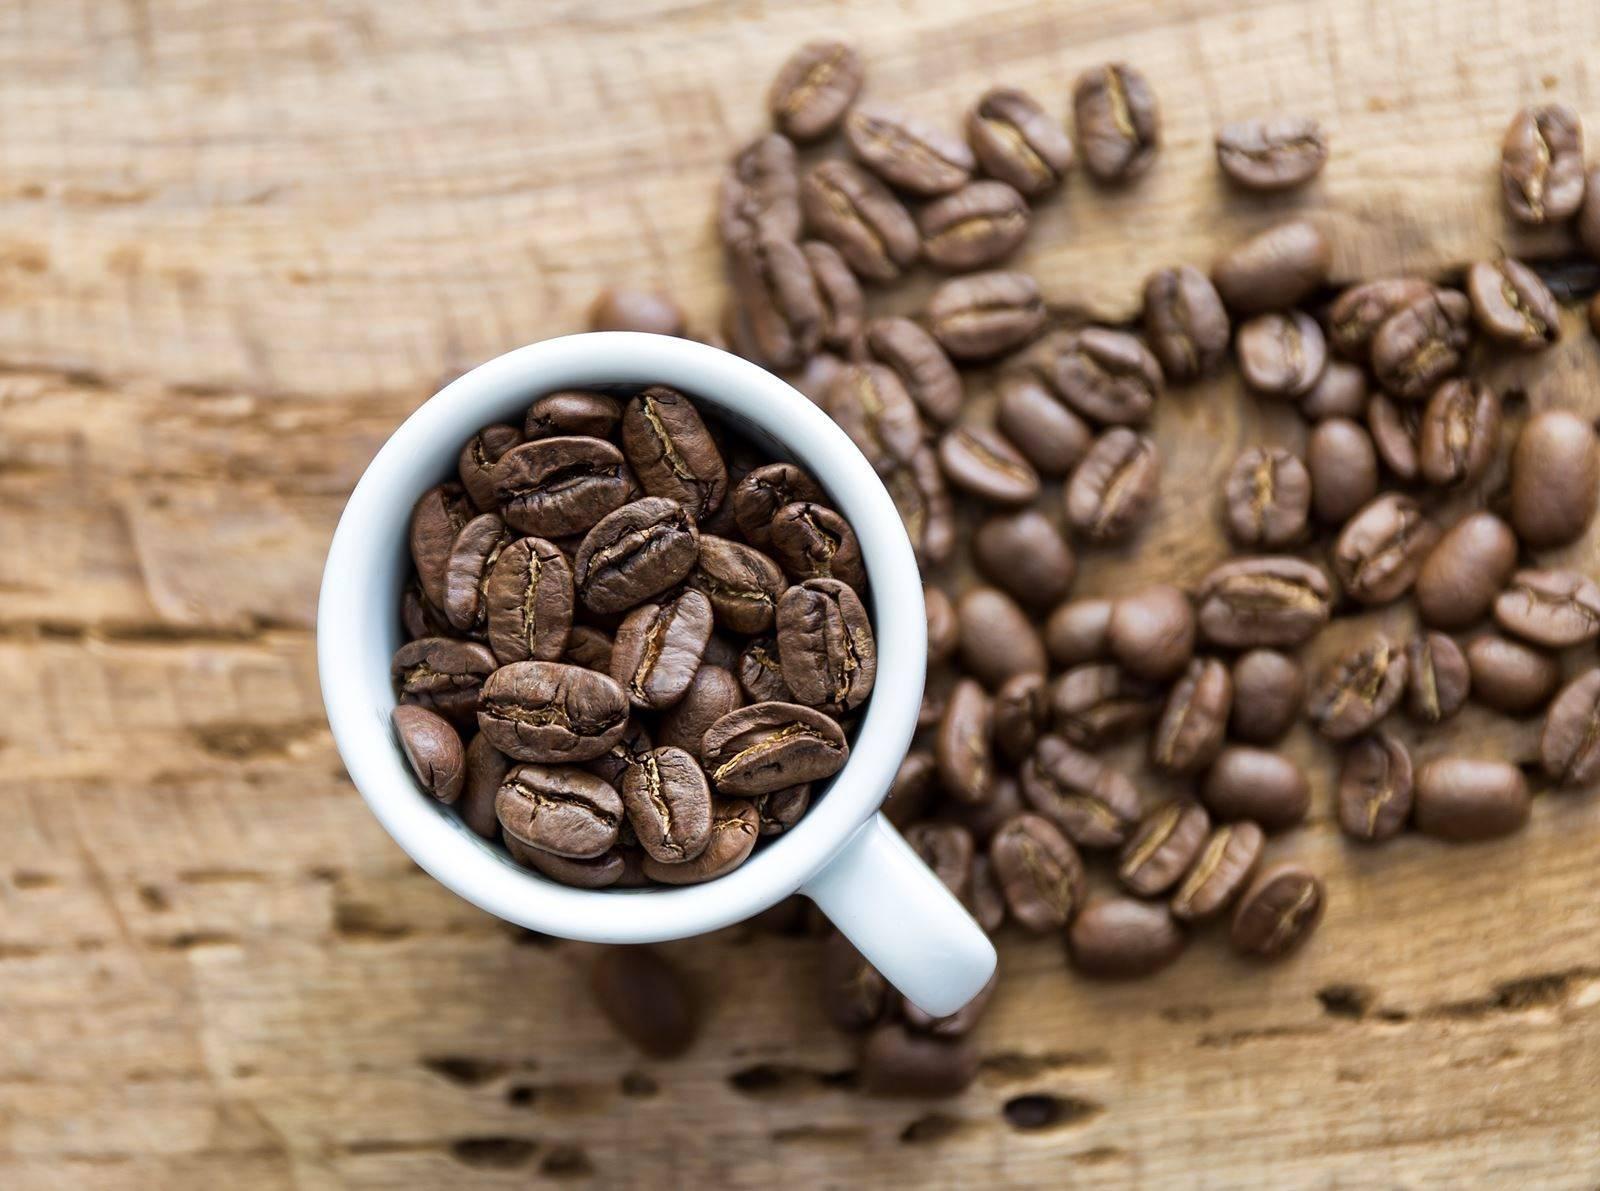 Марагоджип кофе - что это и почему он станет лучшим подарком для гурманов